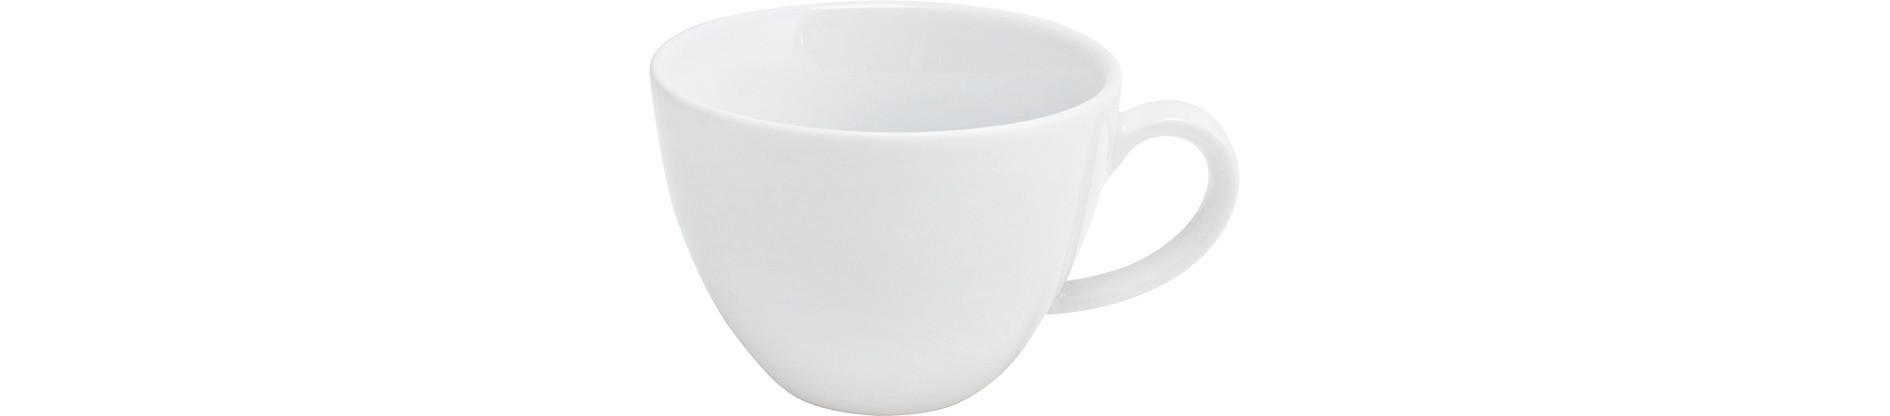 Pronto, Kaffeetasse ø 84 mm / 0,16 l weiß